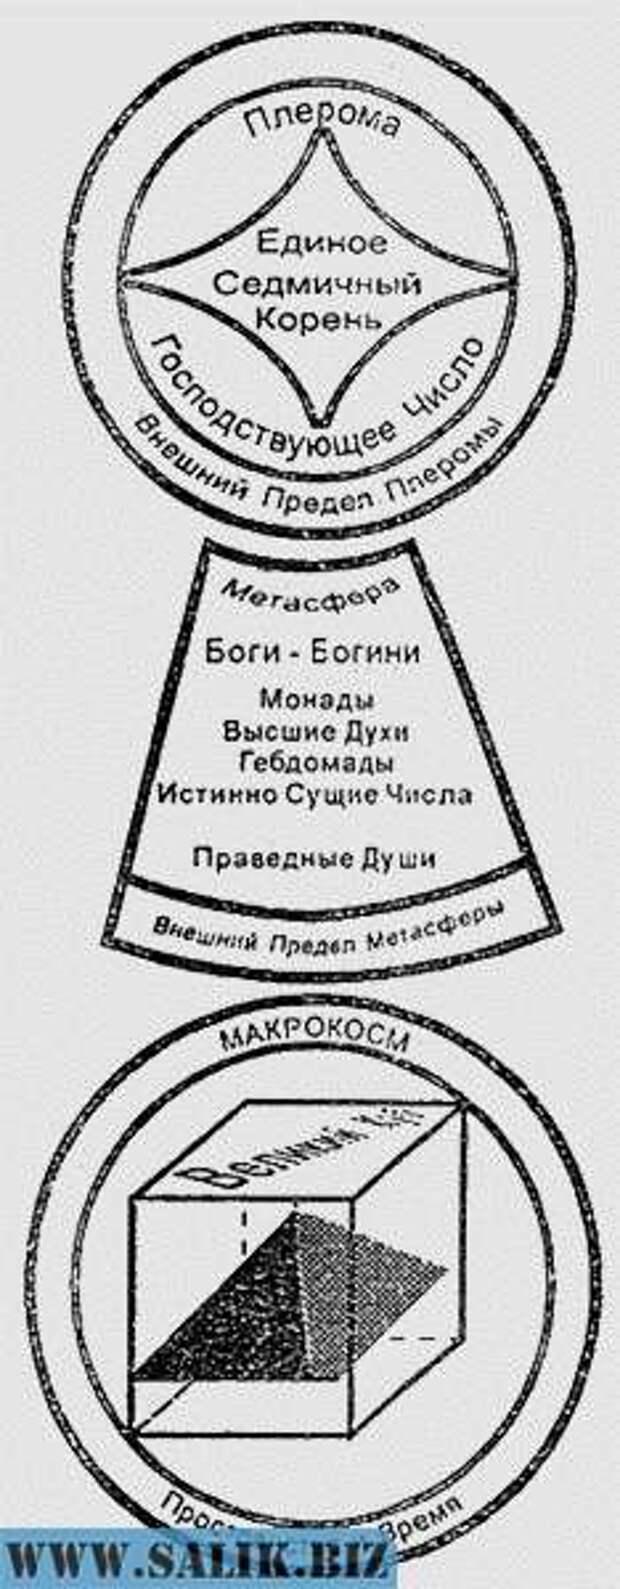 Древние знания о мироустройстве